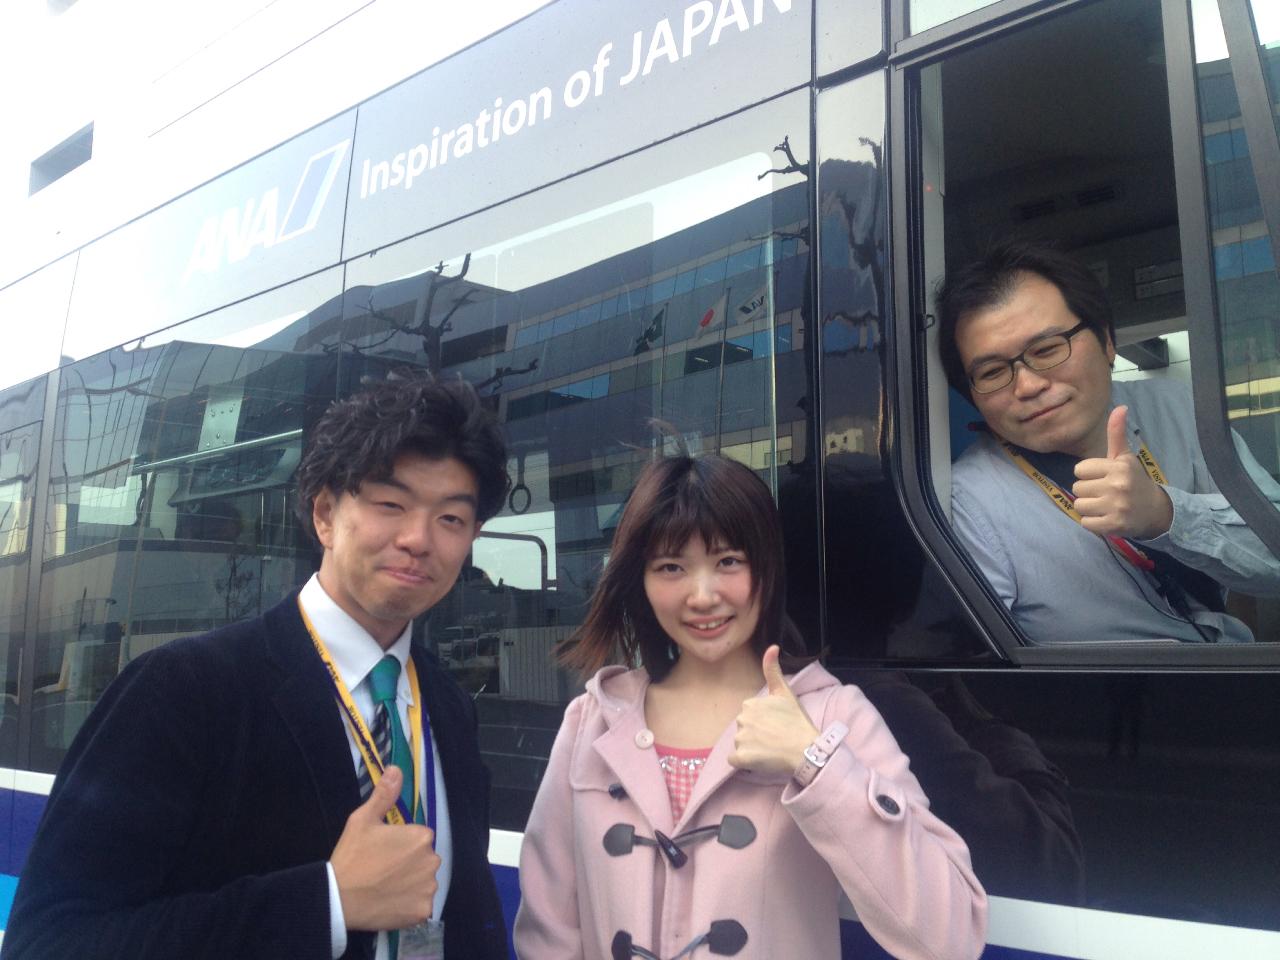 ソフトバンク SBドライブ 佐治さん 開発部三堀さん 歌手 高町咲衣 IoT女子さき